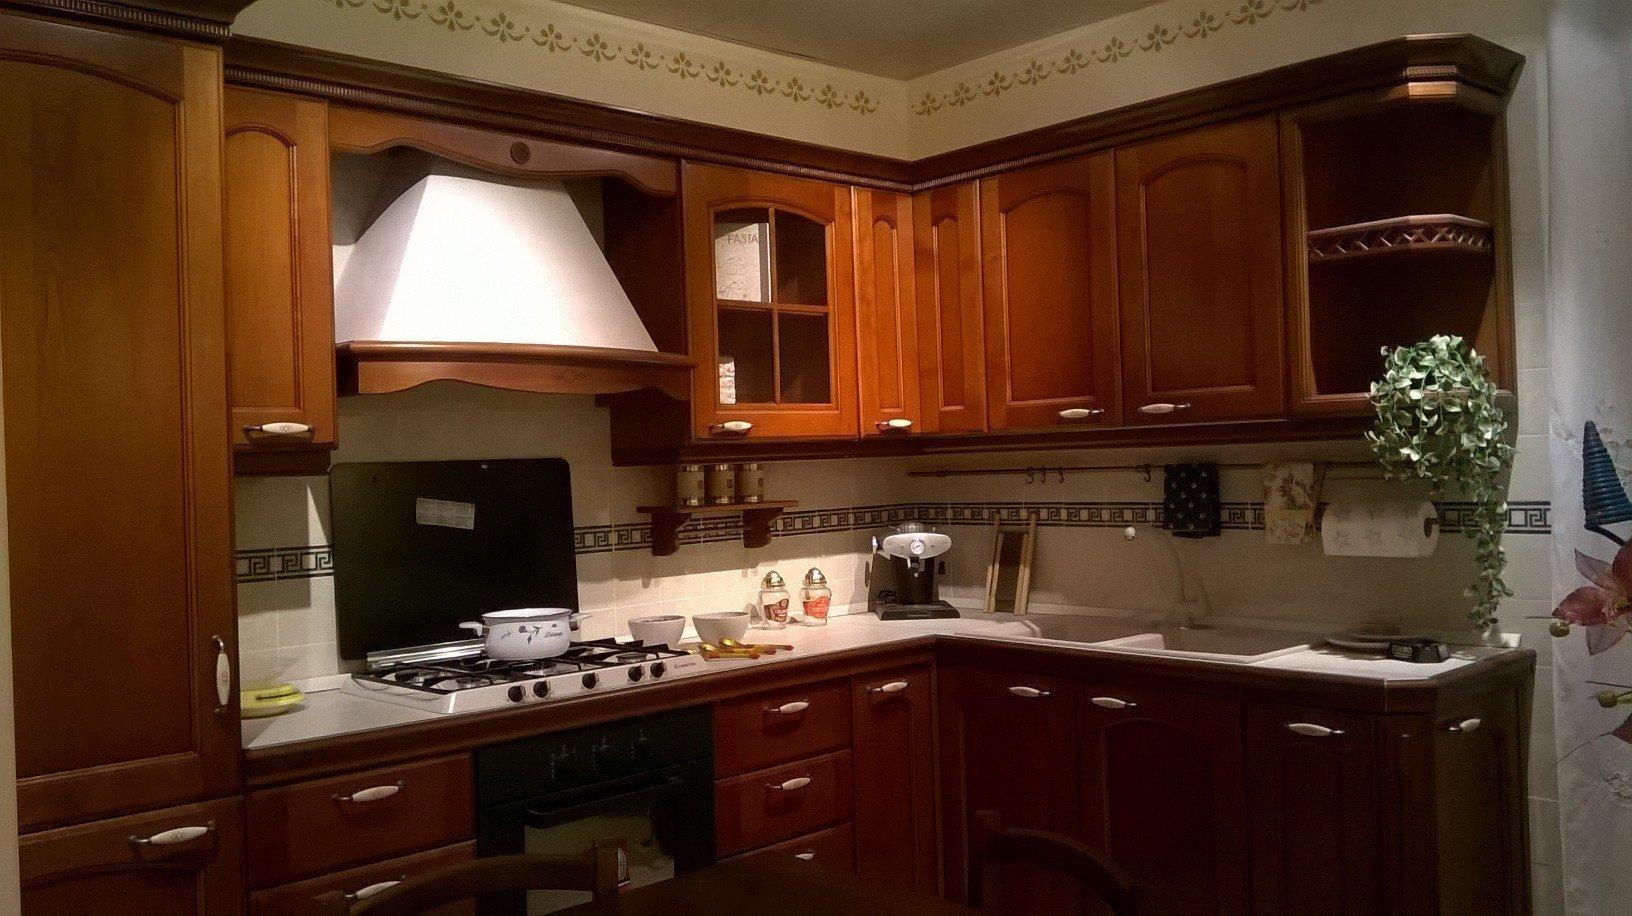 una cucina angolare con mobili in legno